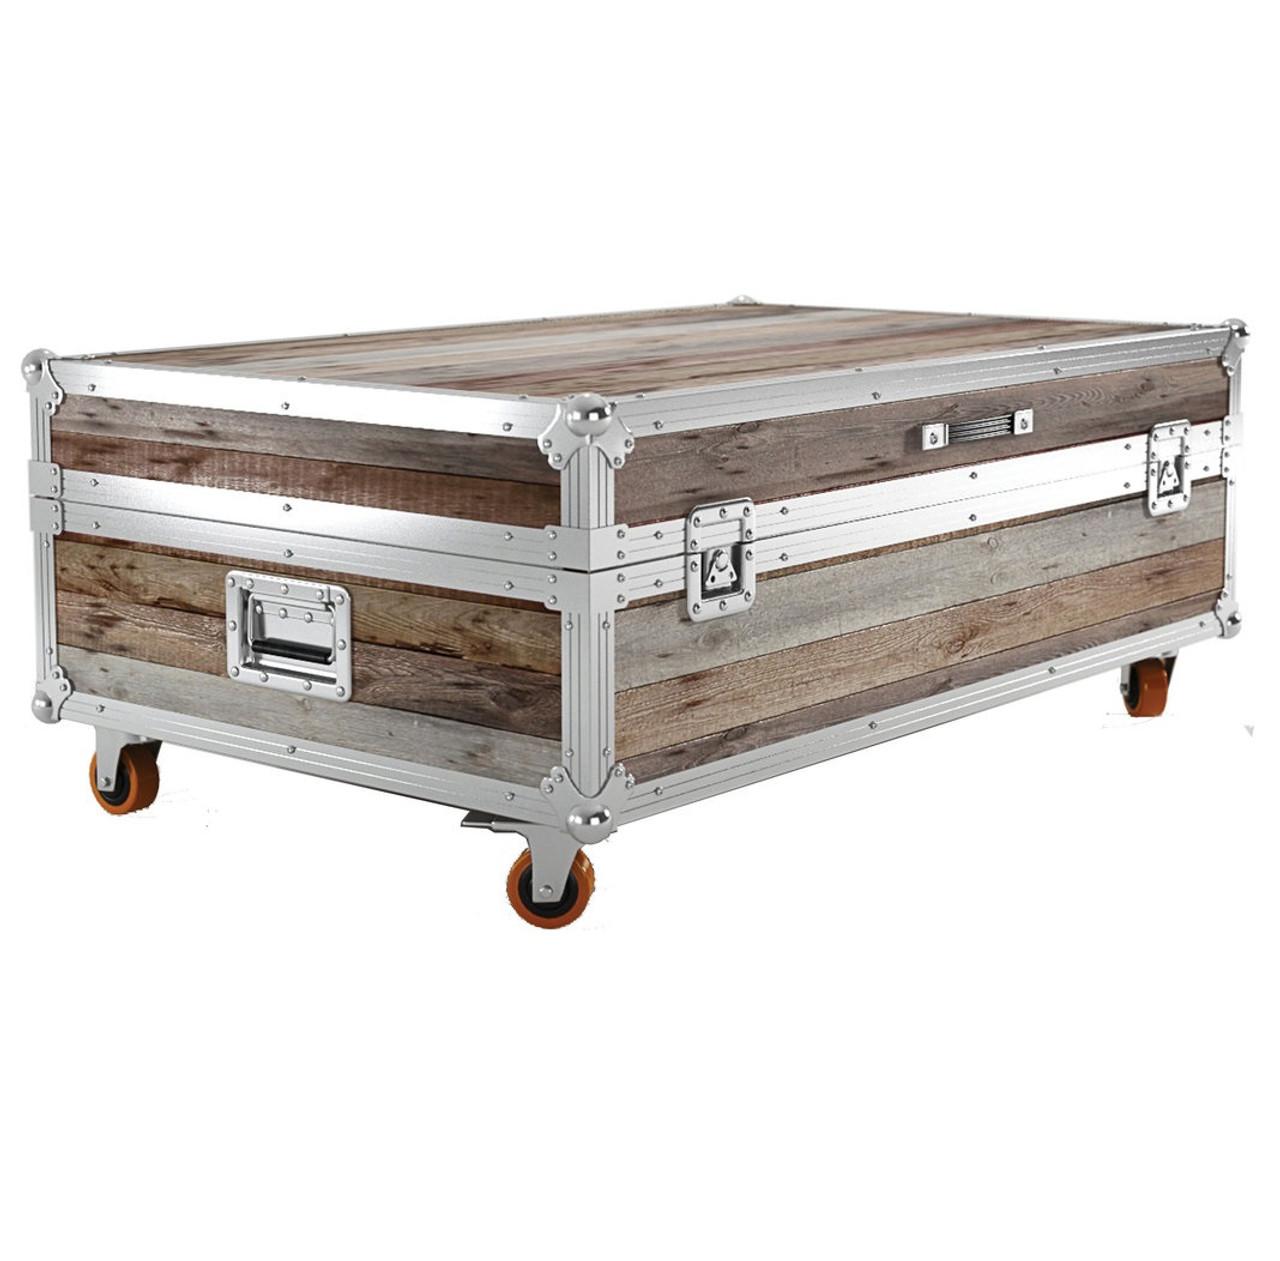 - Industrial Reclaimed Teak Wood Large Trunk Coffee Table Zin Home